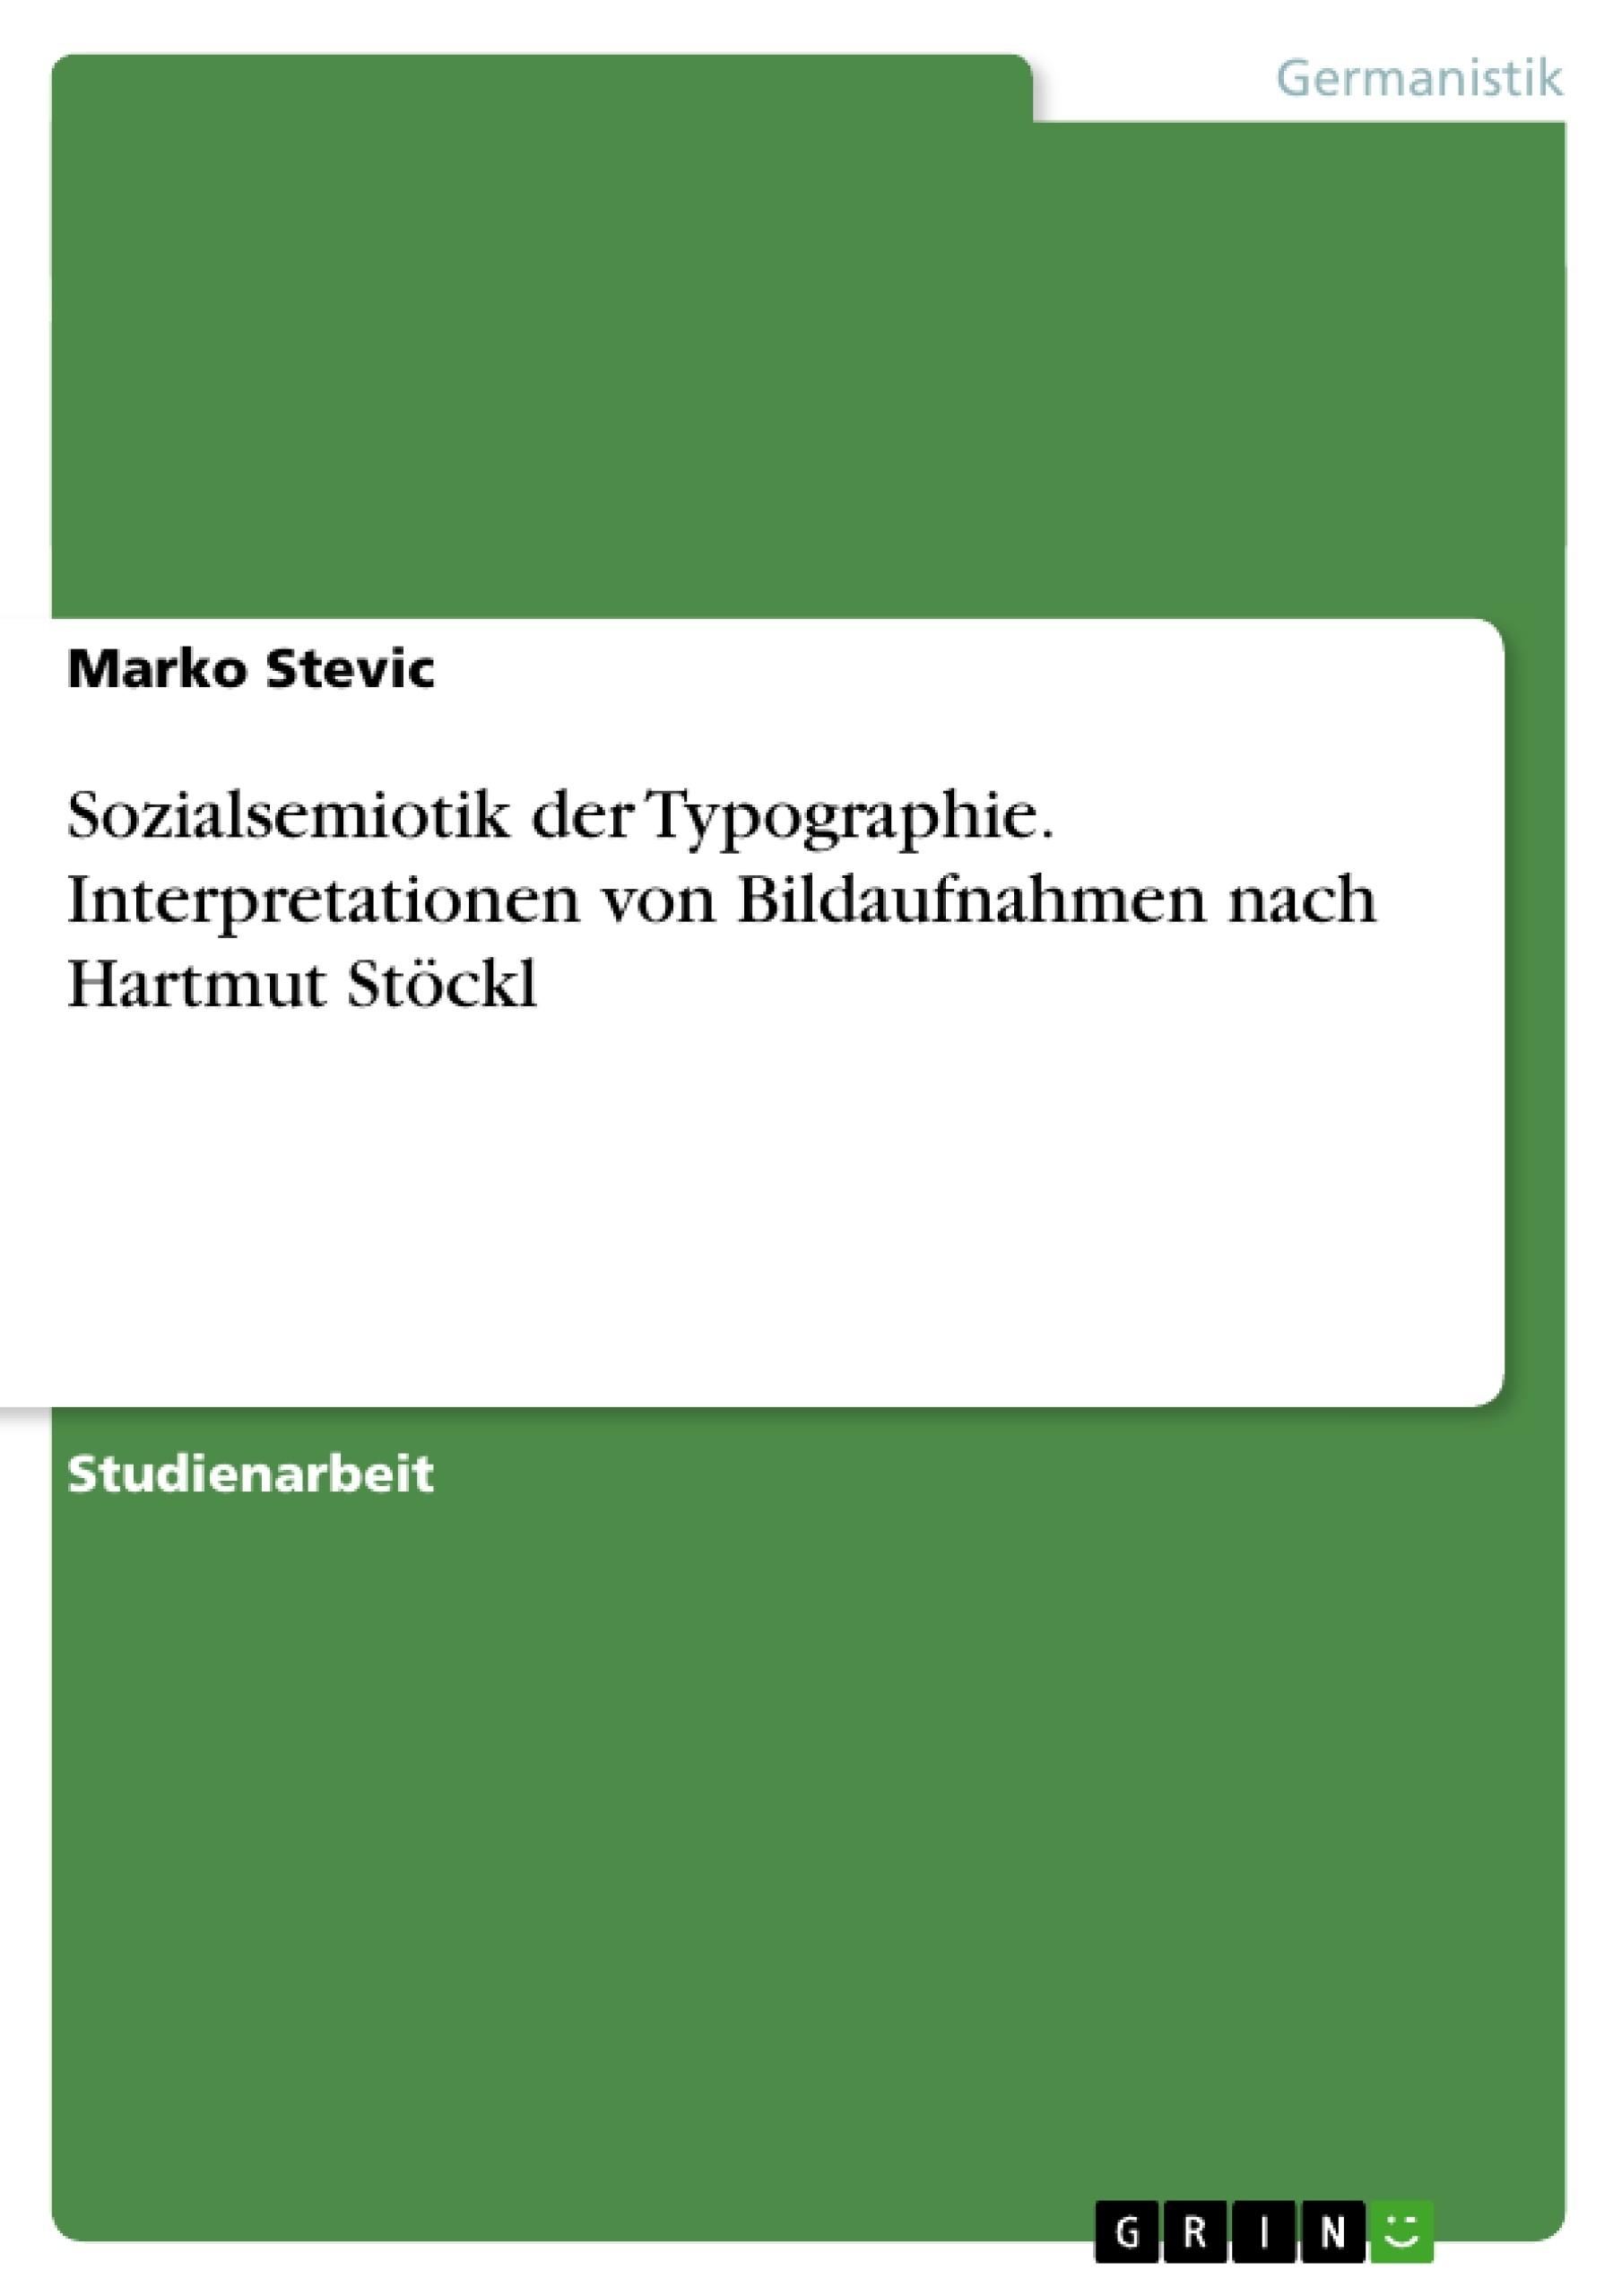 Titel: Sozialsemiotik der Typographie. Interpretationen von Bildaufnahmen nach Hartmut Stöckl